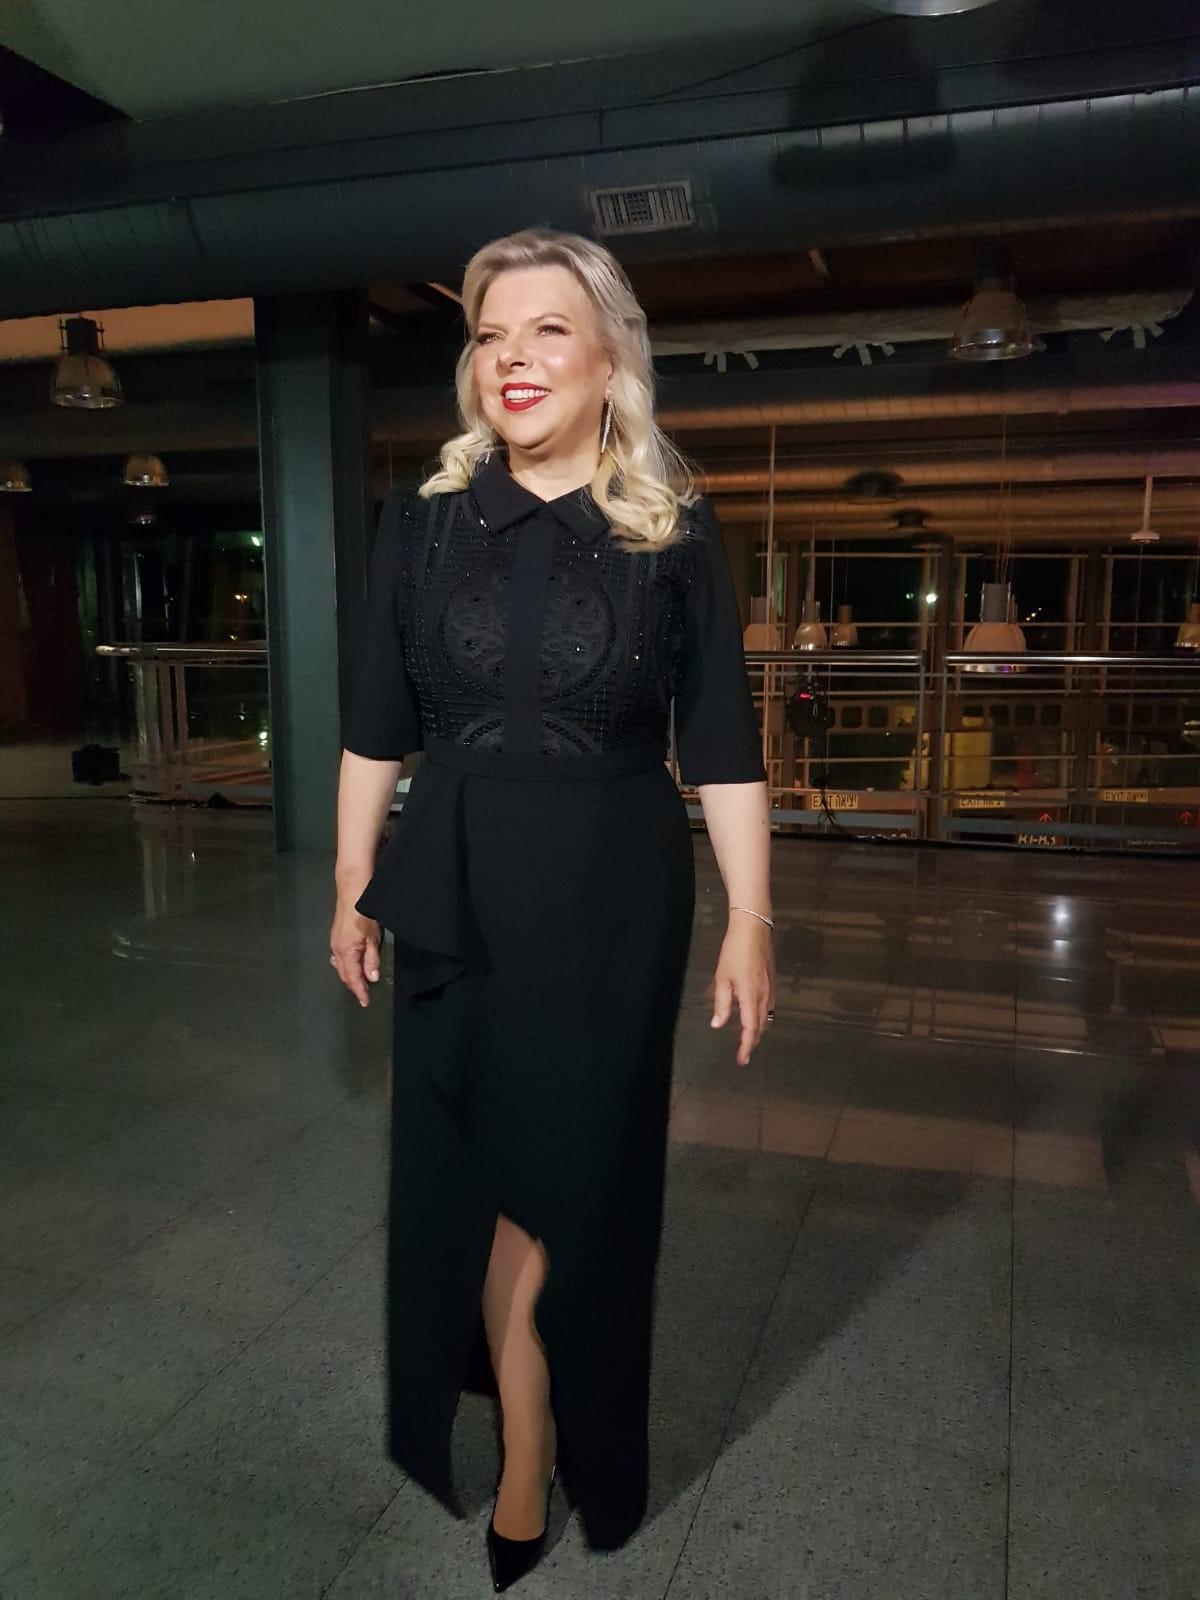 שרה נתניהו בשמלה של דרור קונטנטו